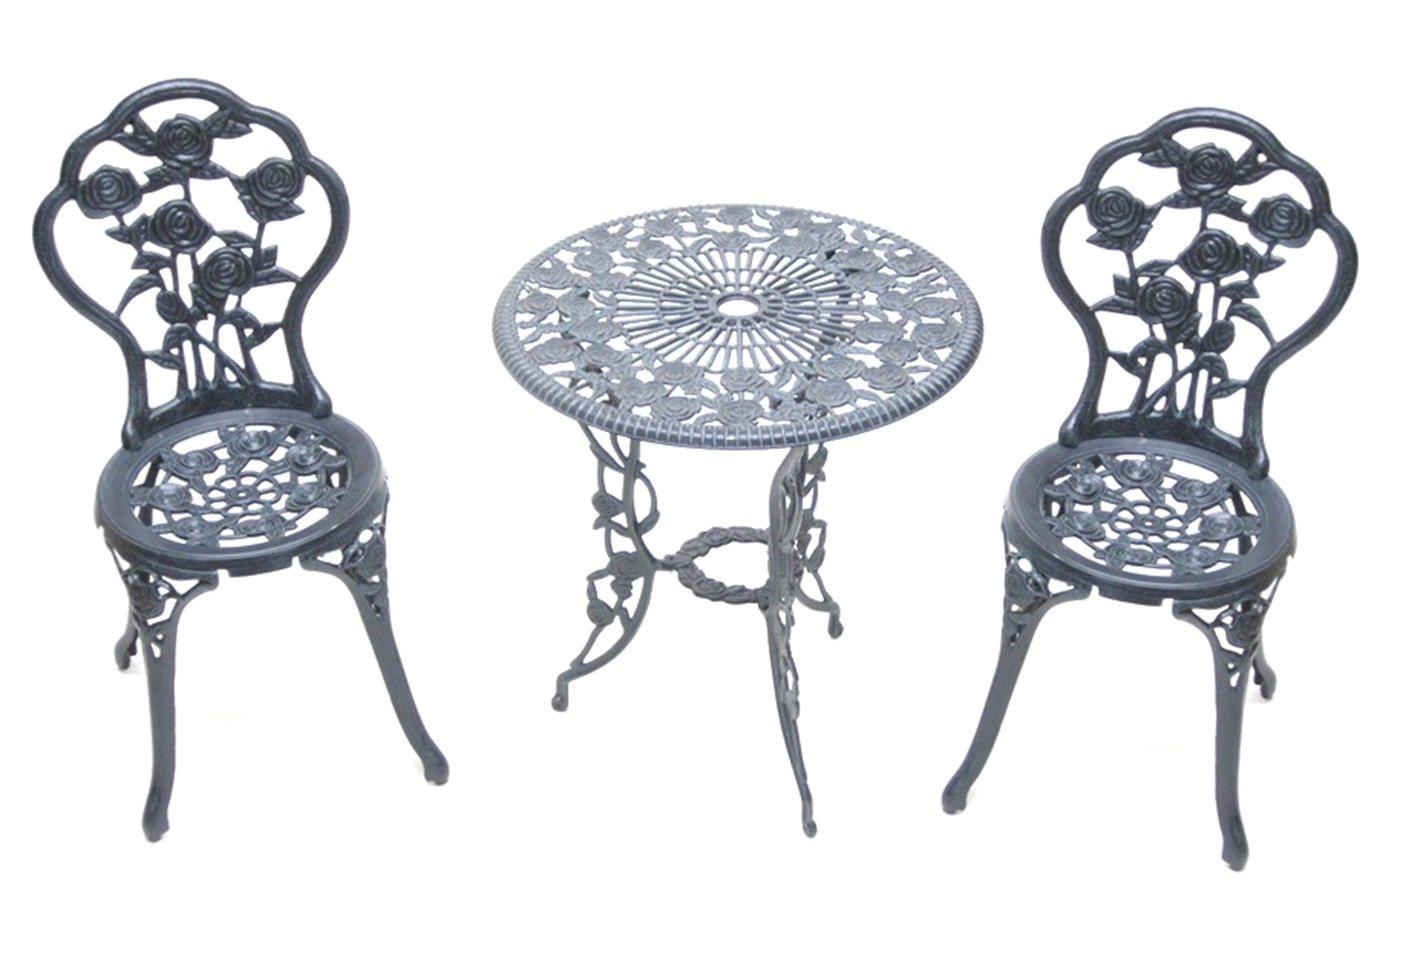 ガーデンテーブル3点セット ローズ 青銅色